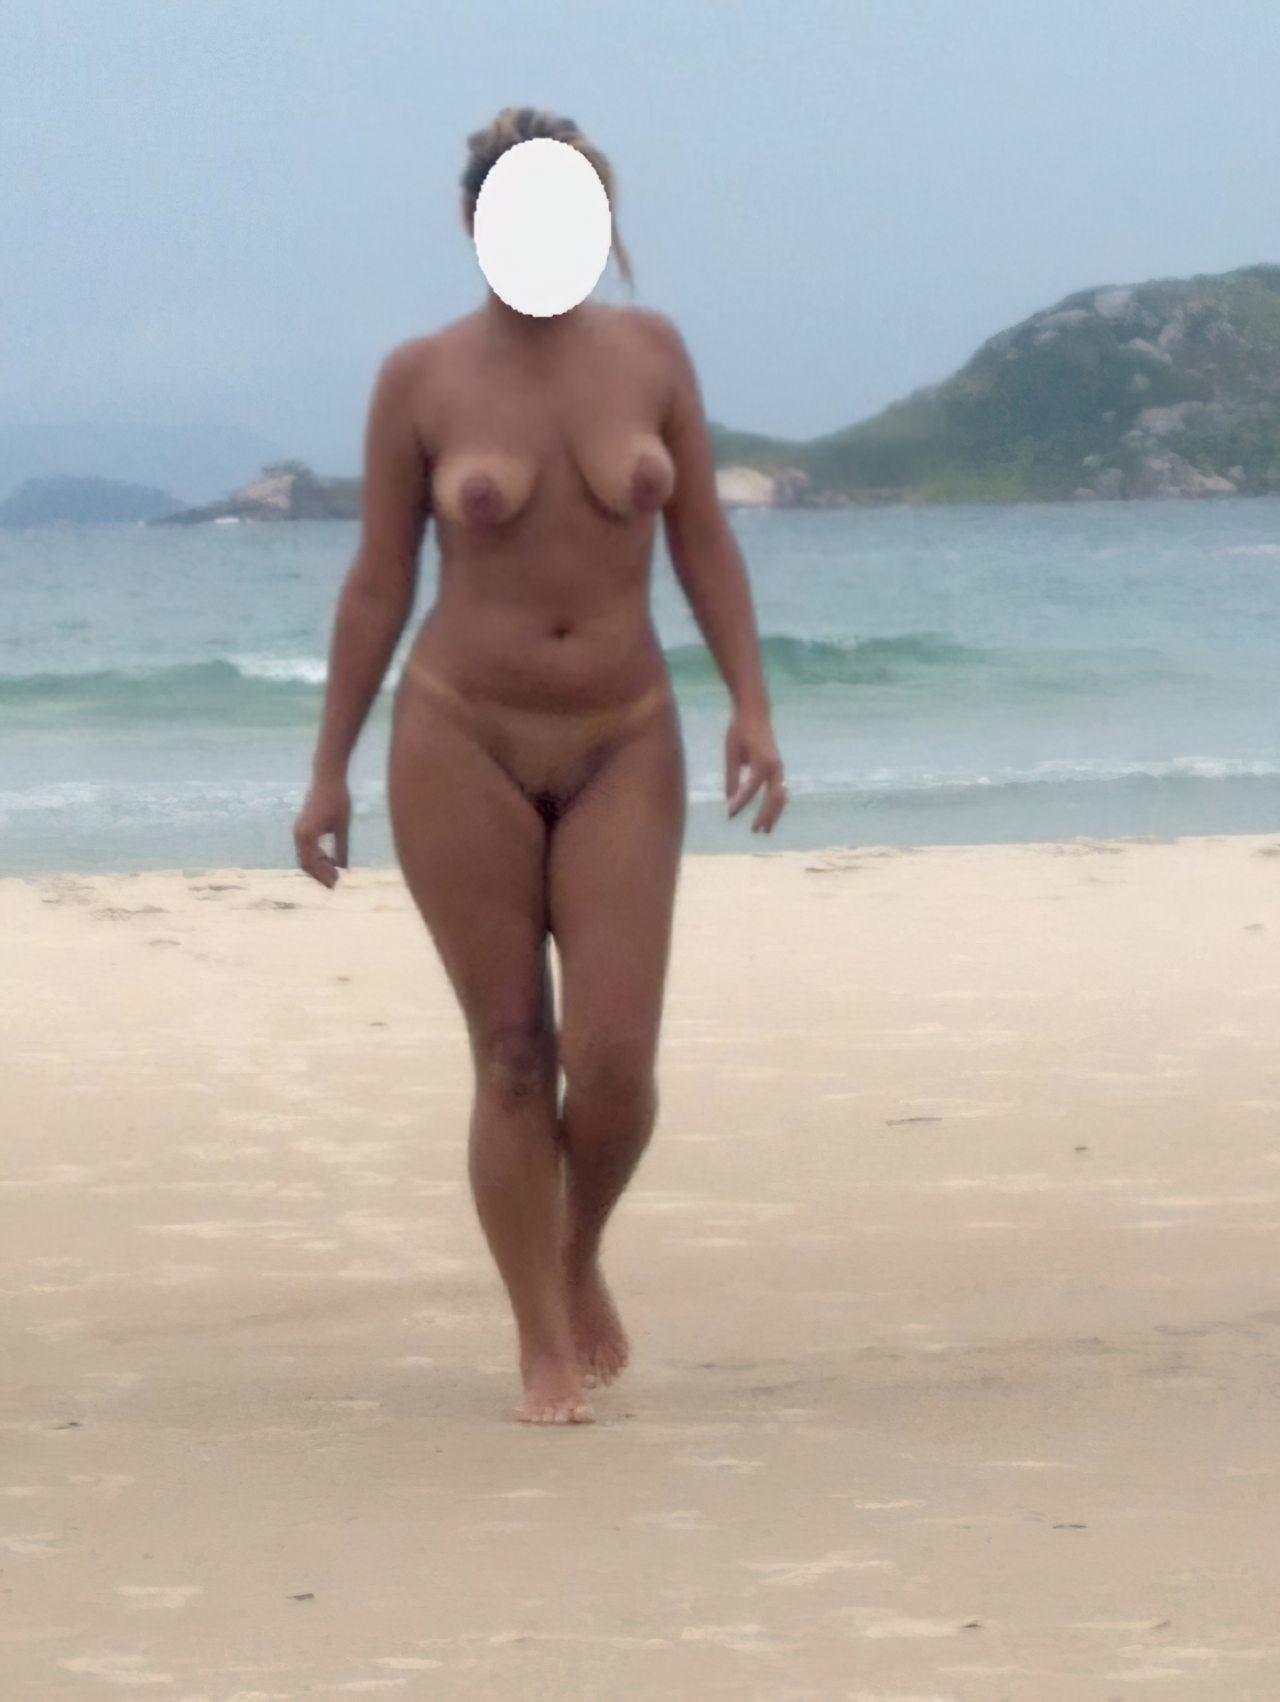 Esposa Praia Nudismo (2)